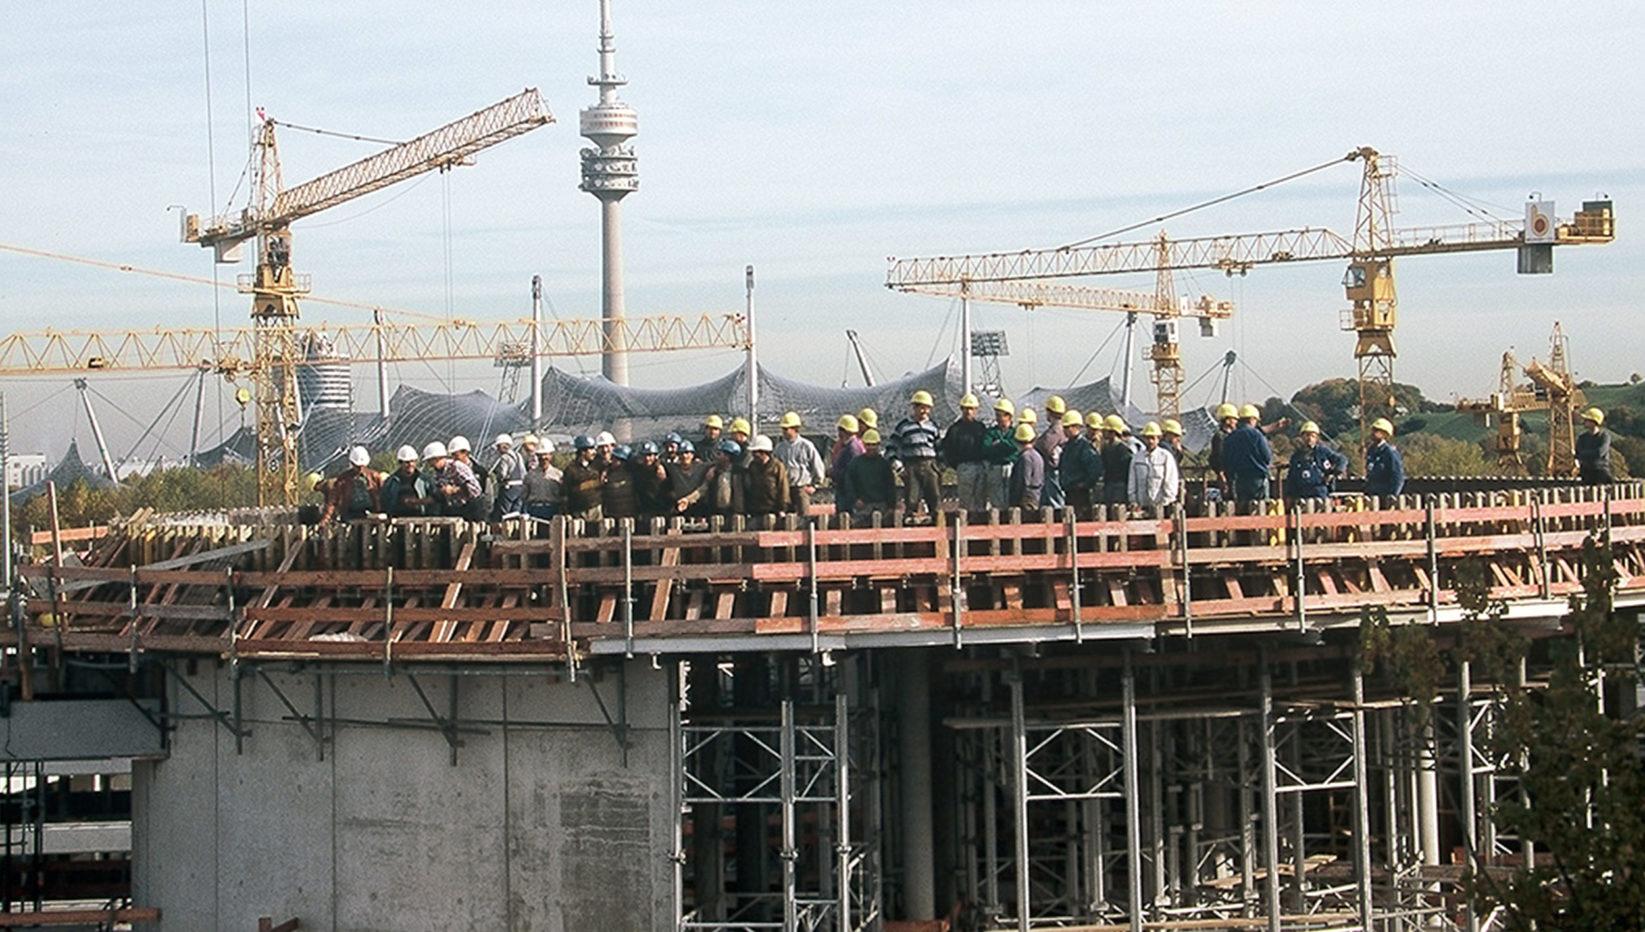 Aufnahme der Rohbauarbeiten für die Hauptverwaltung der Stadtwerke München, dahinter Baukräne und der Olympiaturm. Auf dem Bau steht die Belegschaft von Brunner + Co.